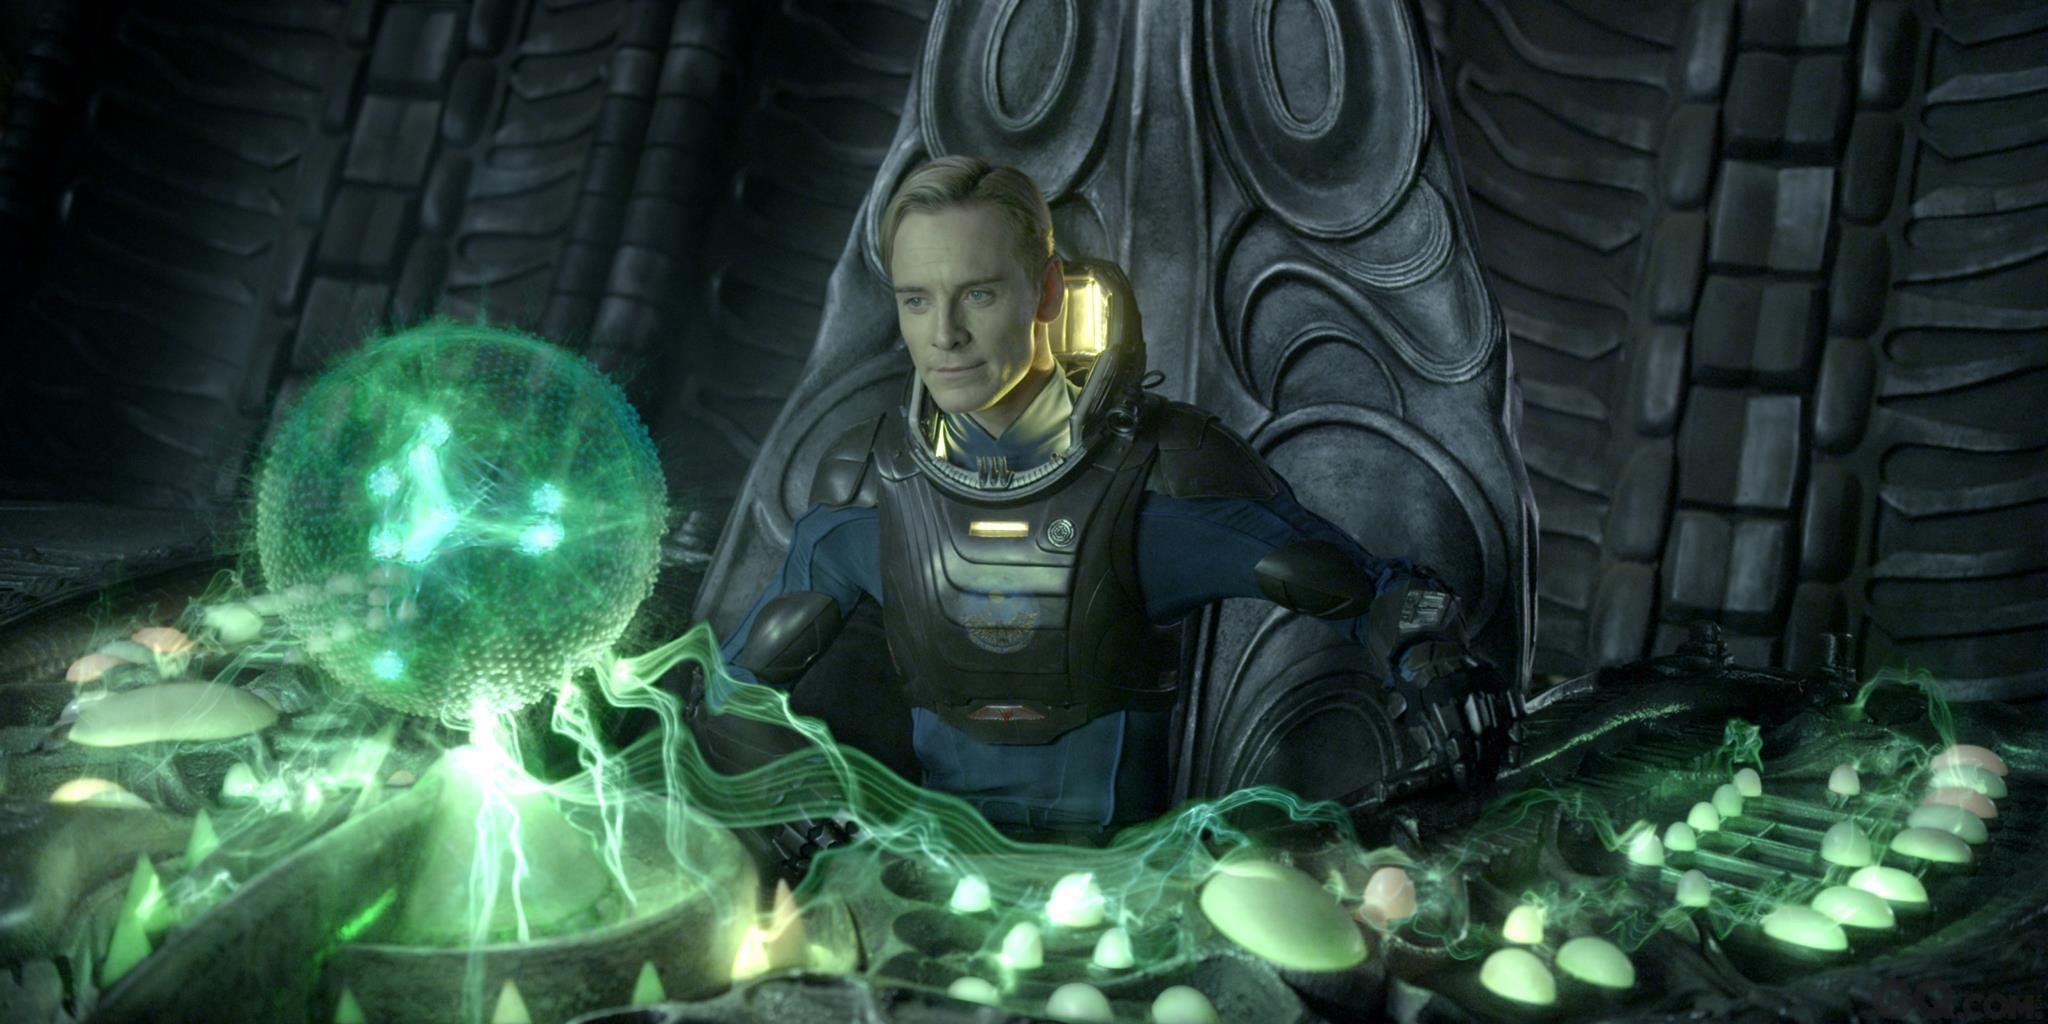 """坐拥高票房科幻大片系列之后,法斯宾德的选片套路愈发不按常理出牌。2012年,他三度加盟麦奎因导演的新片《为奴十二年》,出演一个凶残暴虐的奴隶主,逼人的目光和咆哮的嘴脸丝毫未见偶像包袱。在著名科幻导演雷德利·斯科特的《普罗米修斯》中,他变成一头金发的生化机器人,性感又危险。2014年,他更是选择了一个谜一般的角色:被视为怪胎的乐队领导人""""弗兰克"""",全程戴着大头娃娃头套示人。"""